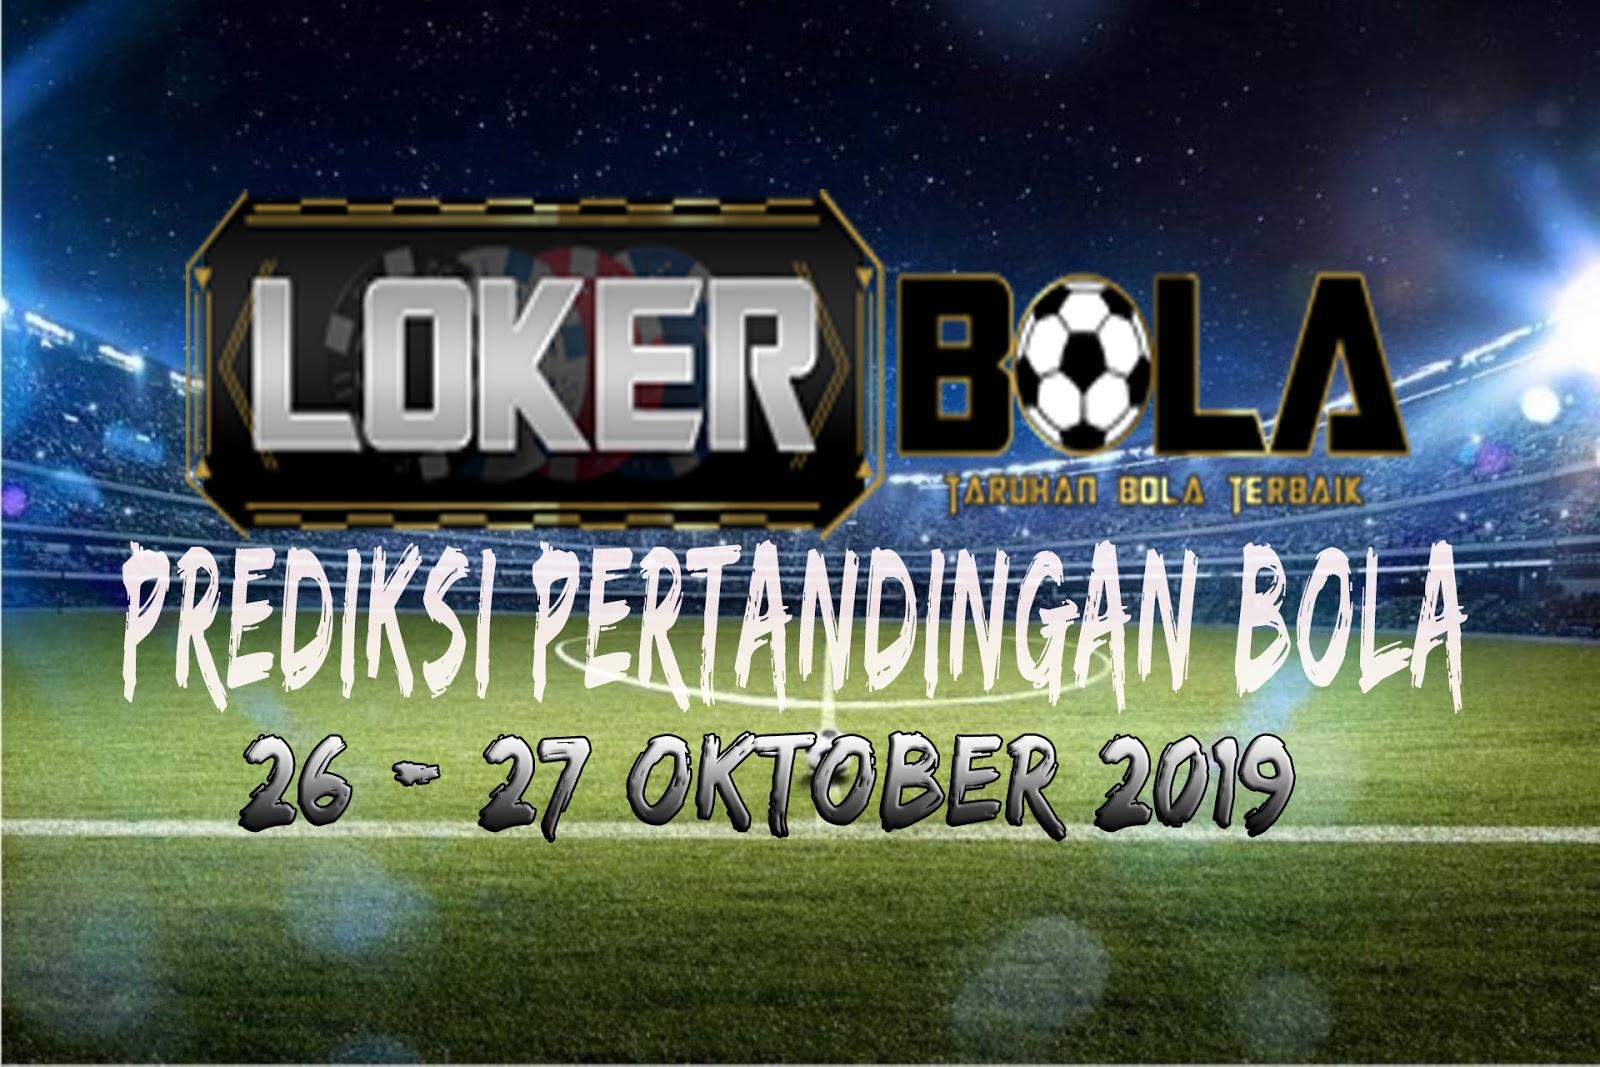 PREDIKSI PERTANDINGAN BOLA 26 – 27 OKTOBER 2019